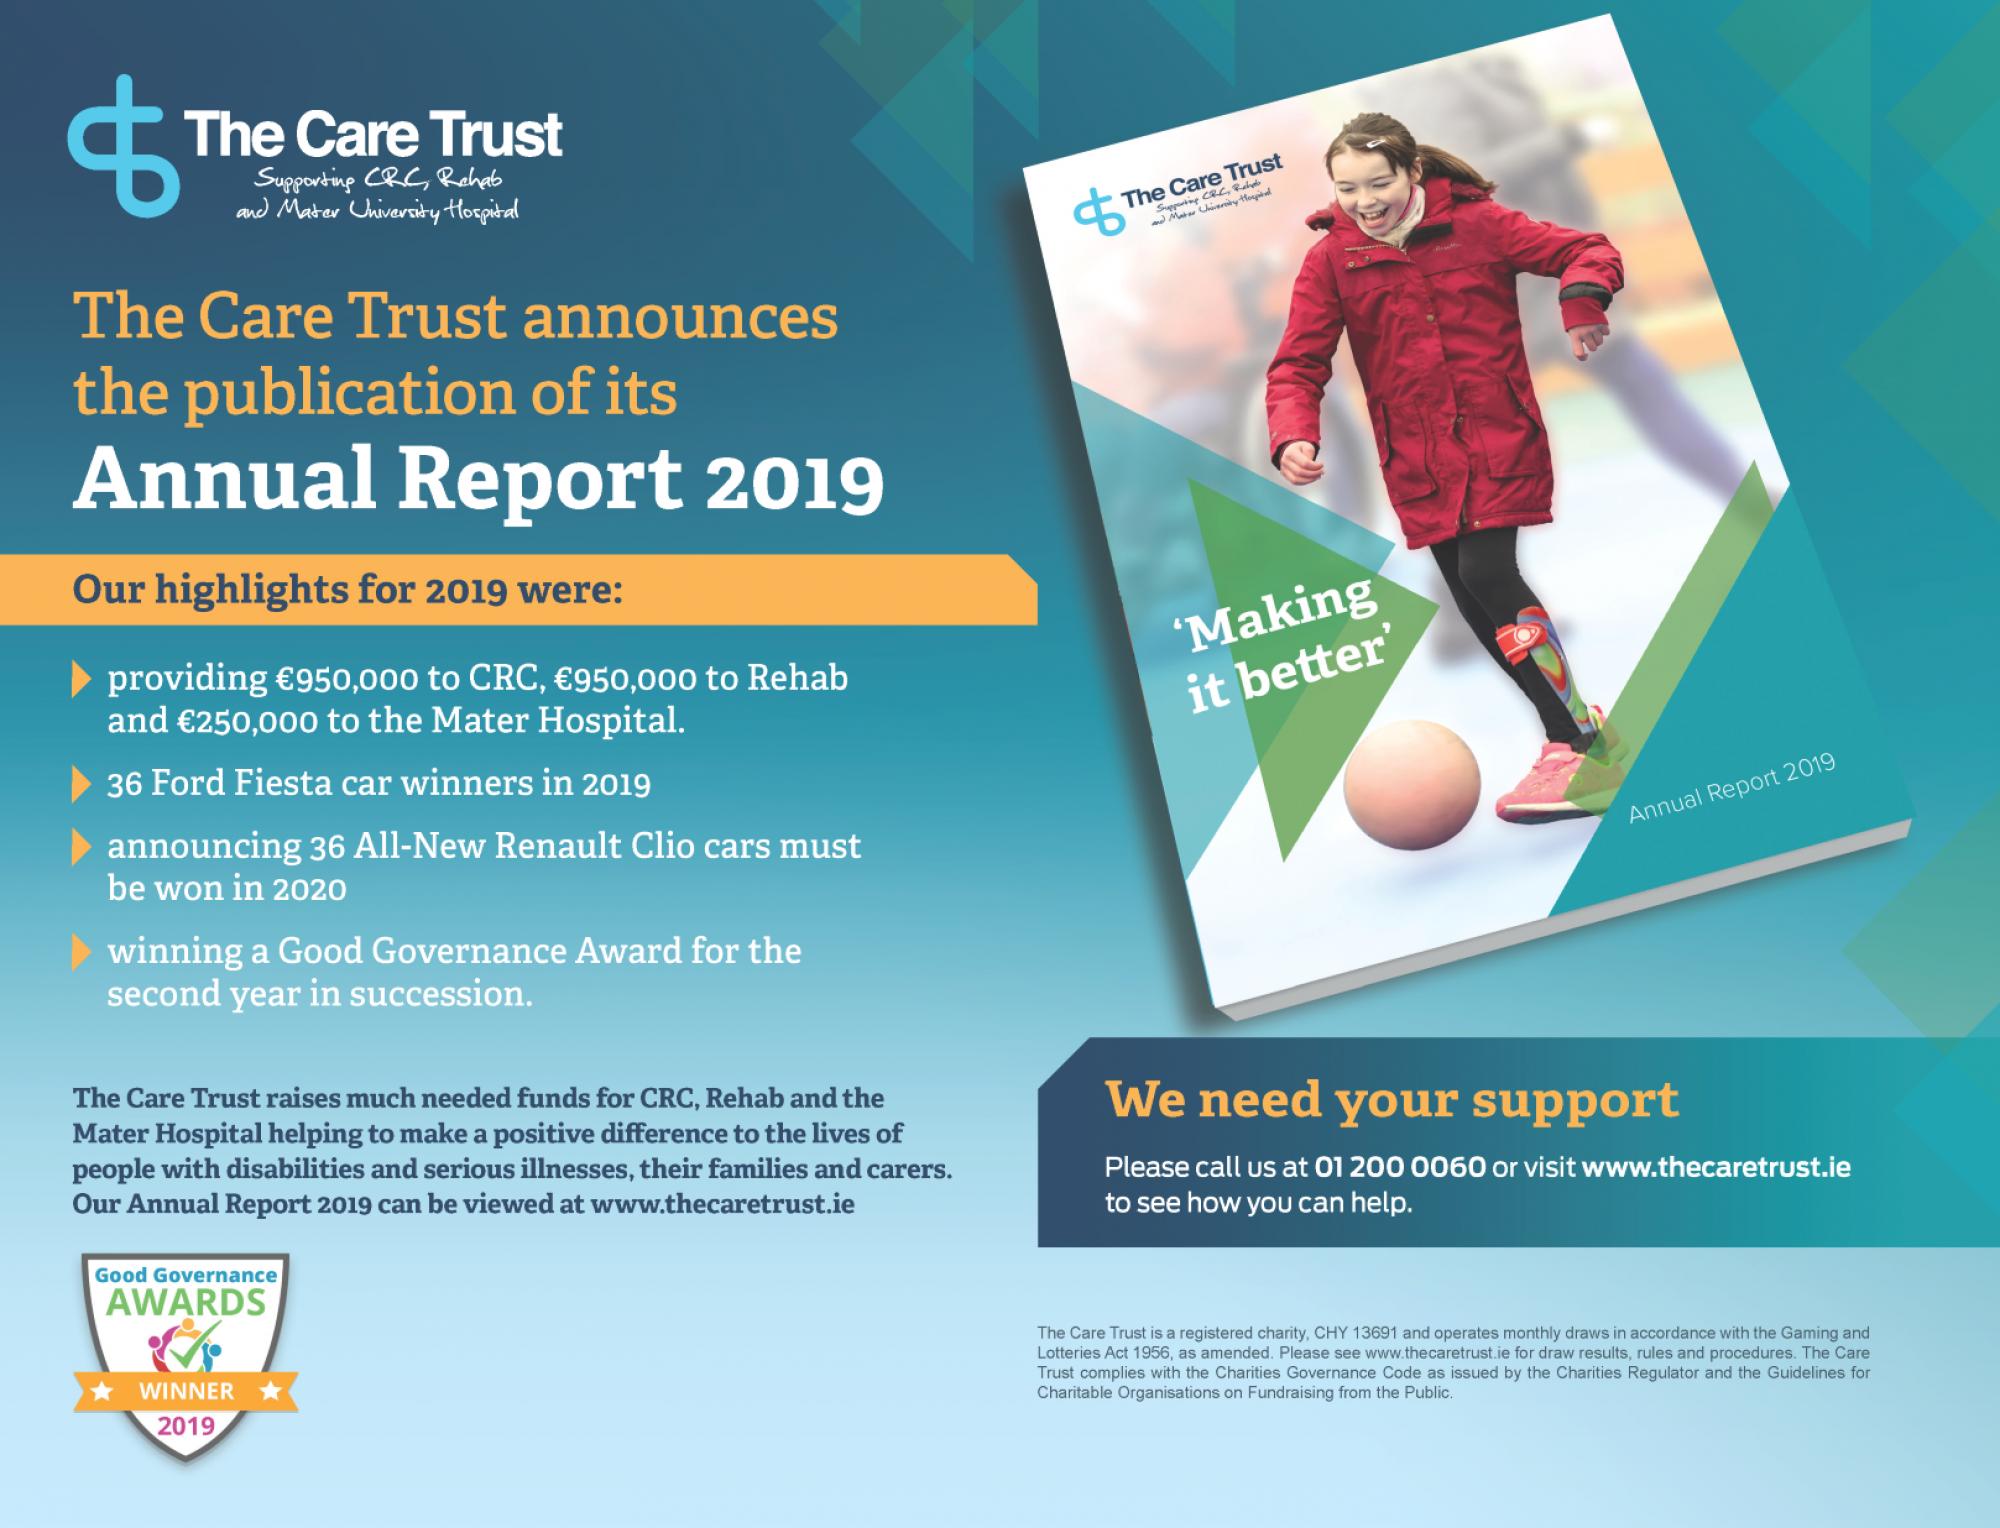 The Care Trust